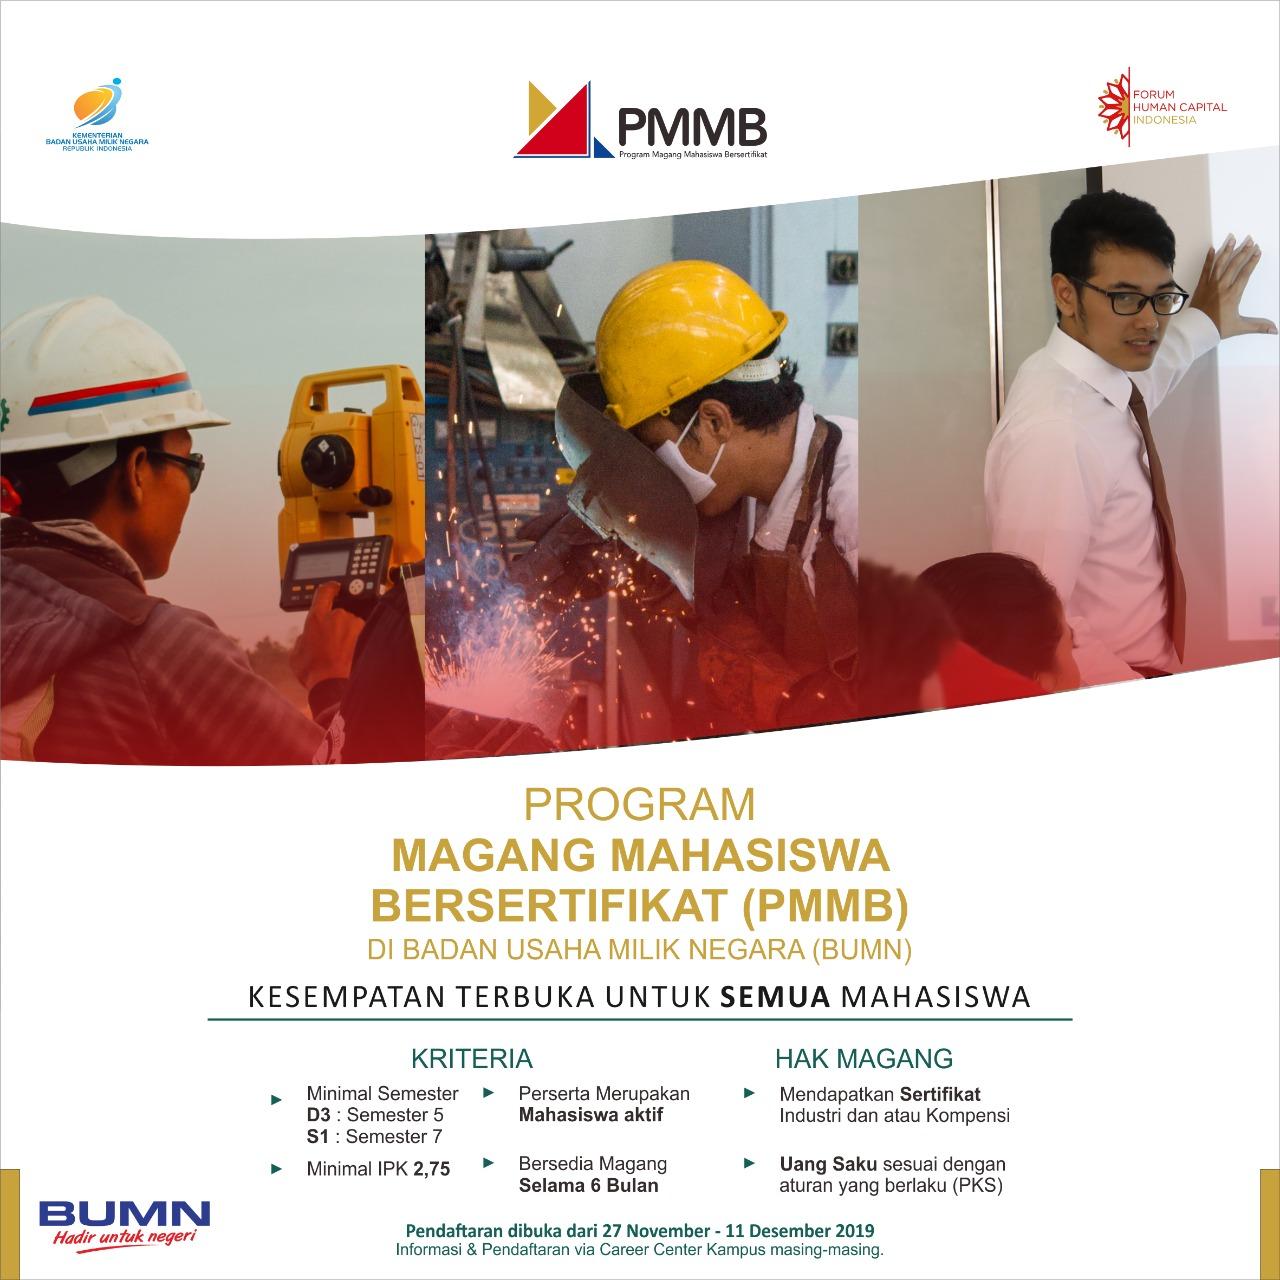 Program Magang Mahasiswa Bersertifikat (PMMB)